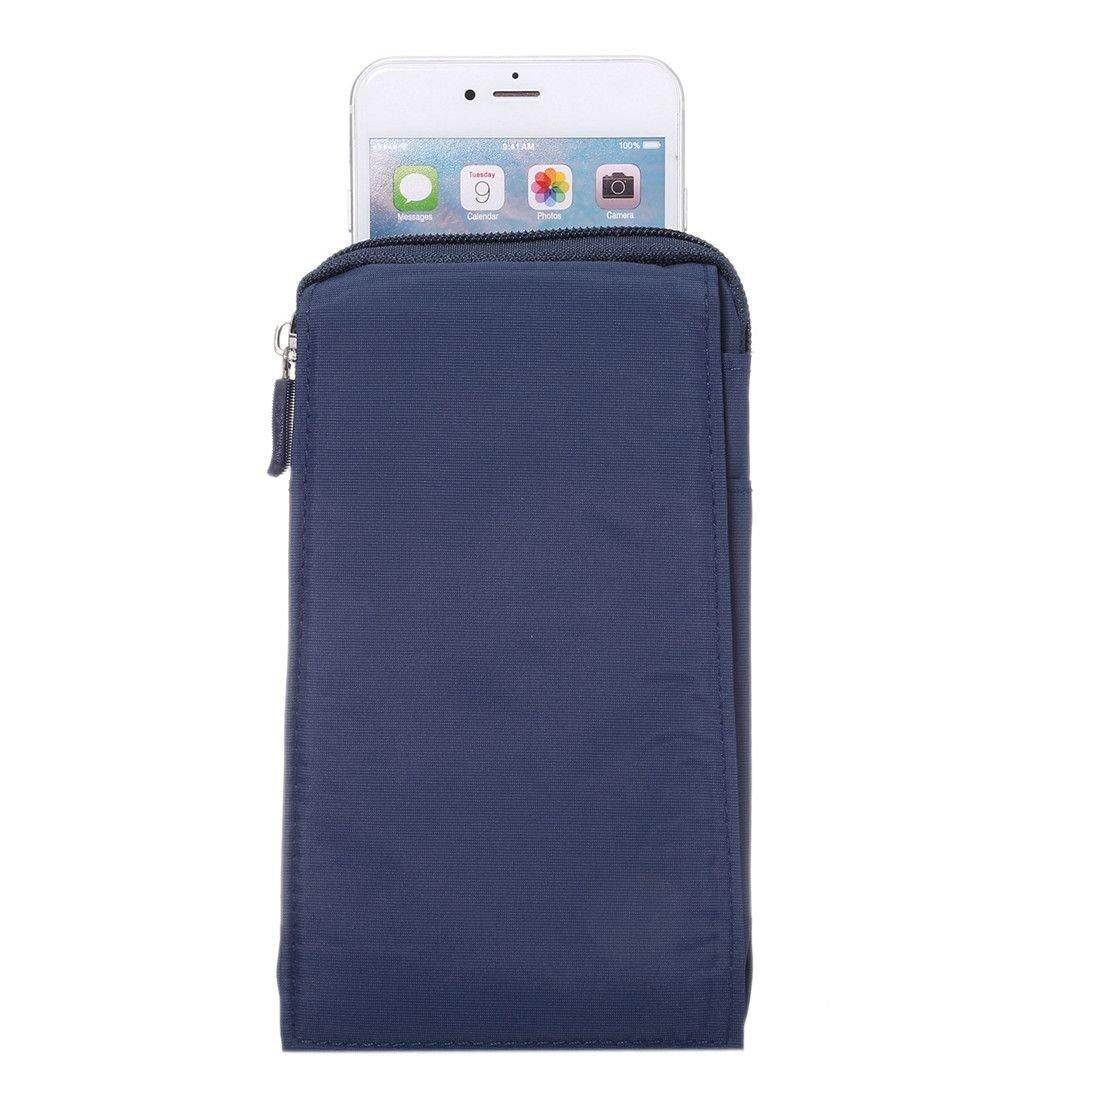 2018 Azul XXM DFV mobile Funda Multiusos Universal con Varios Compartimentos para Cinturon y Mosqueton para = Samsung Galaxy A7 18 x 10 cm